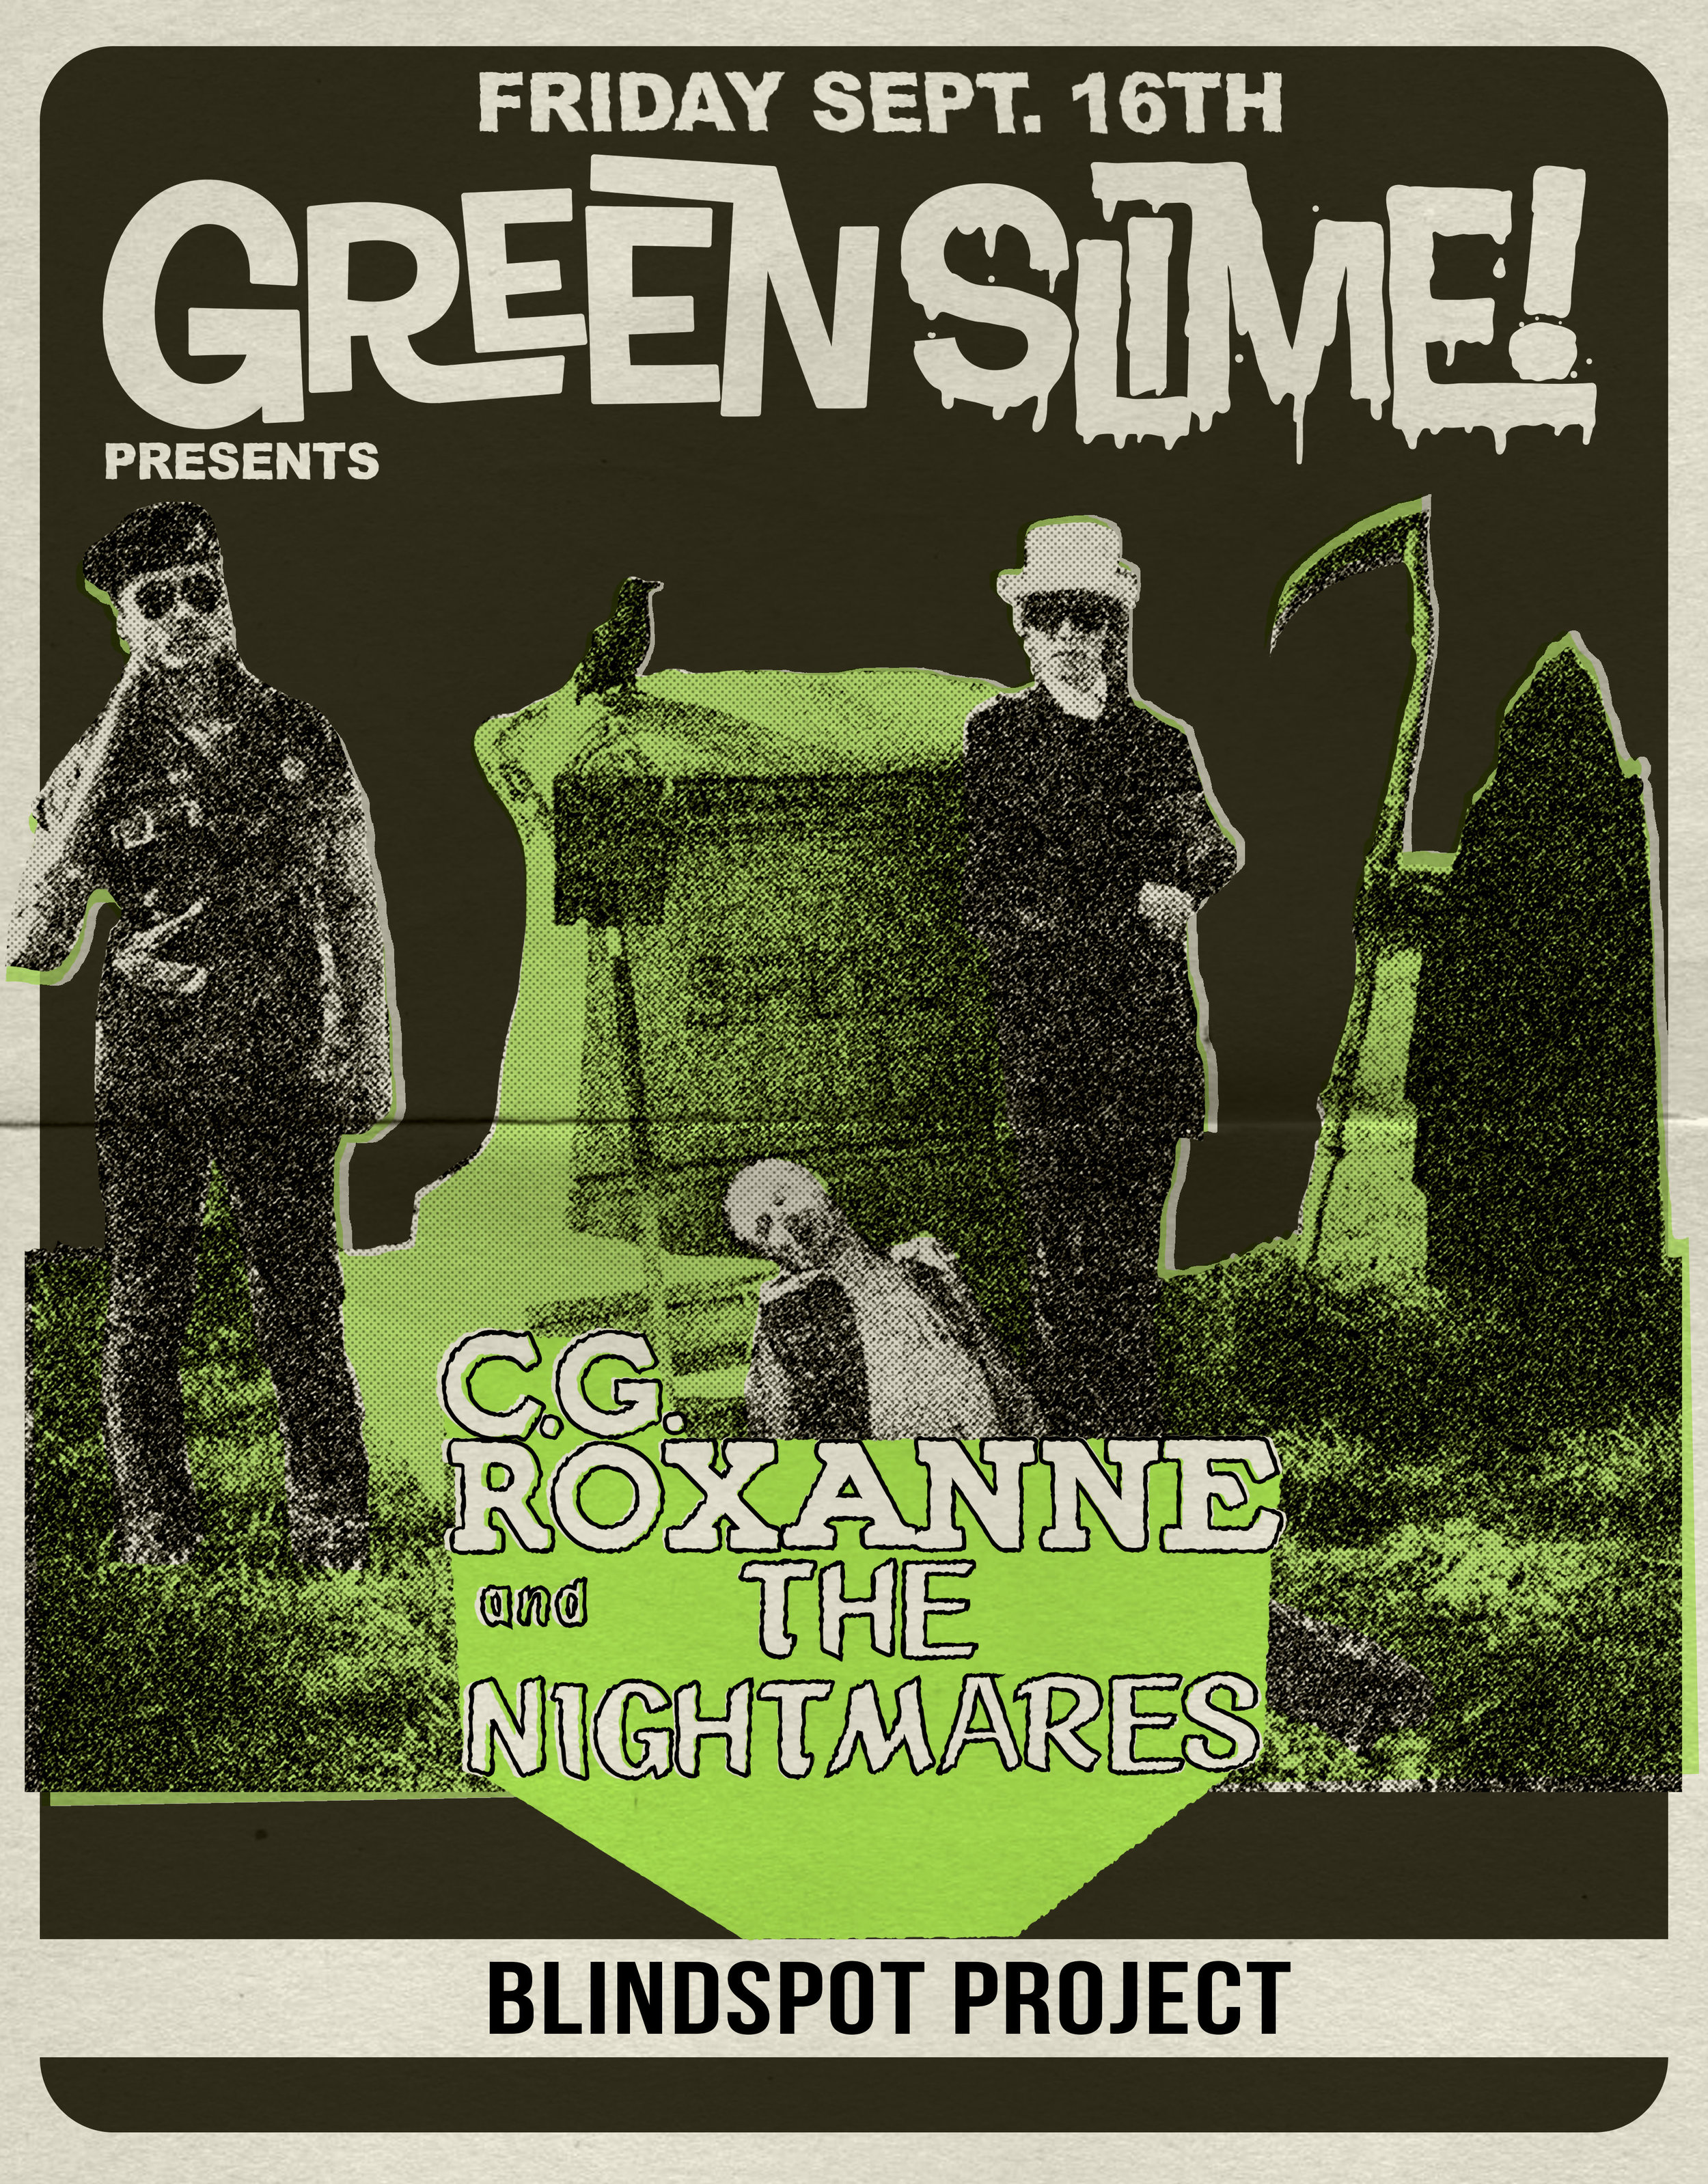 GREEN SLIME PRESENTS 2.jpg